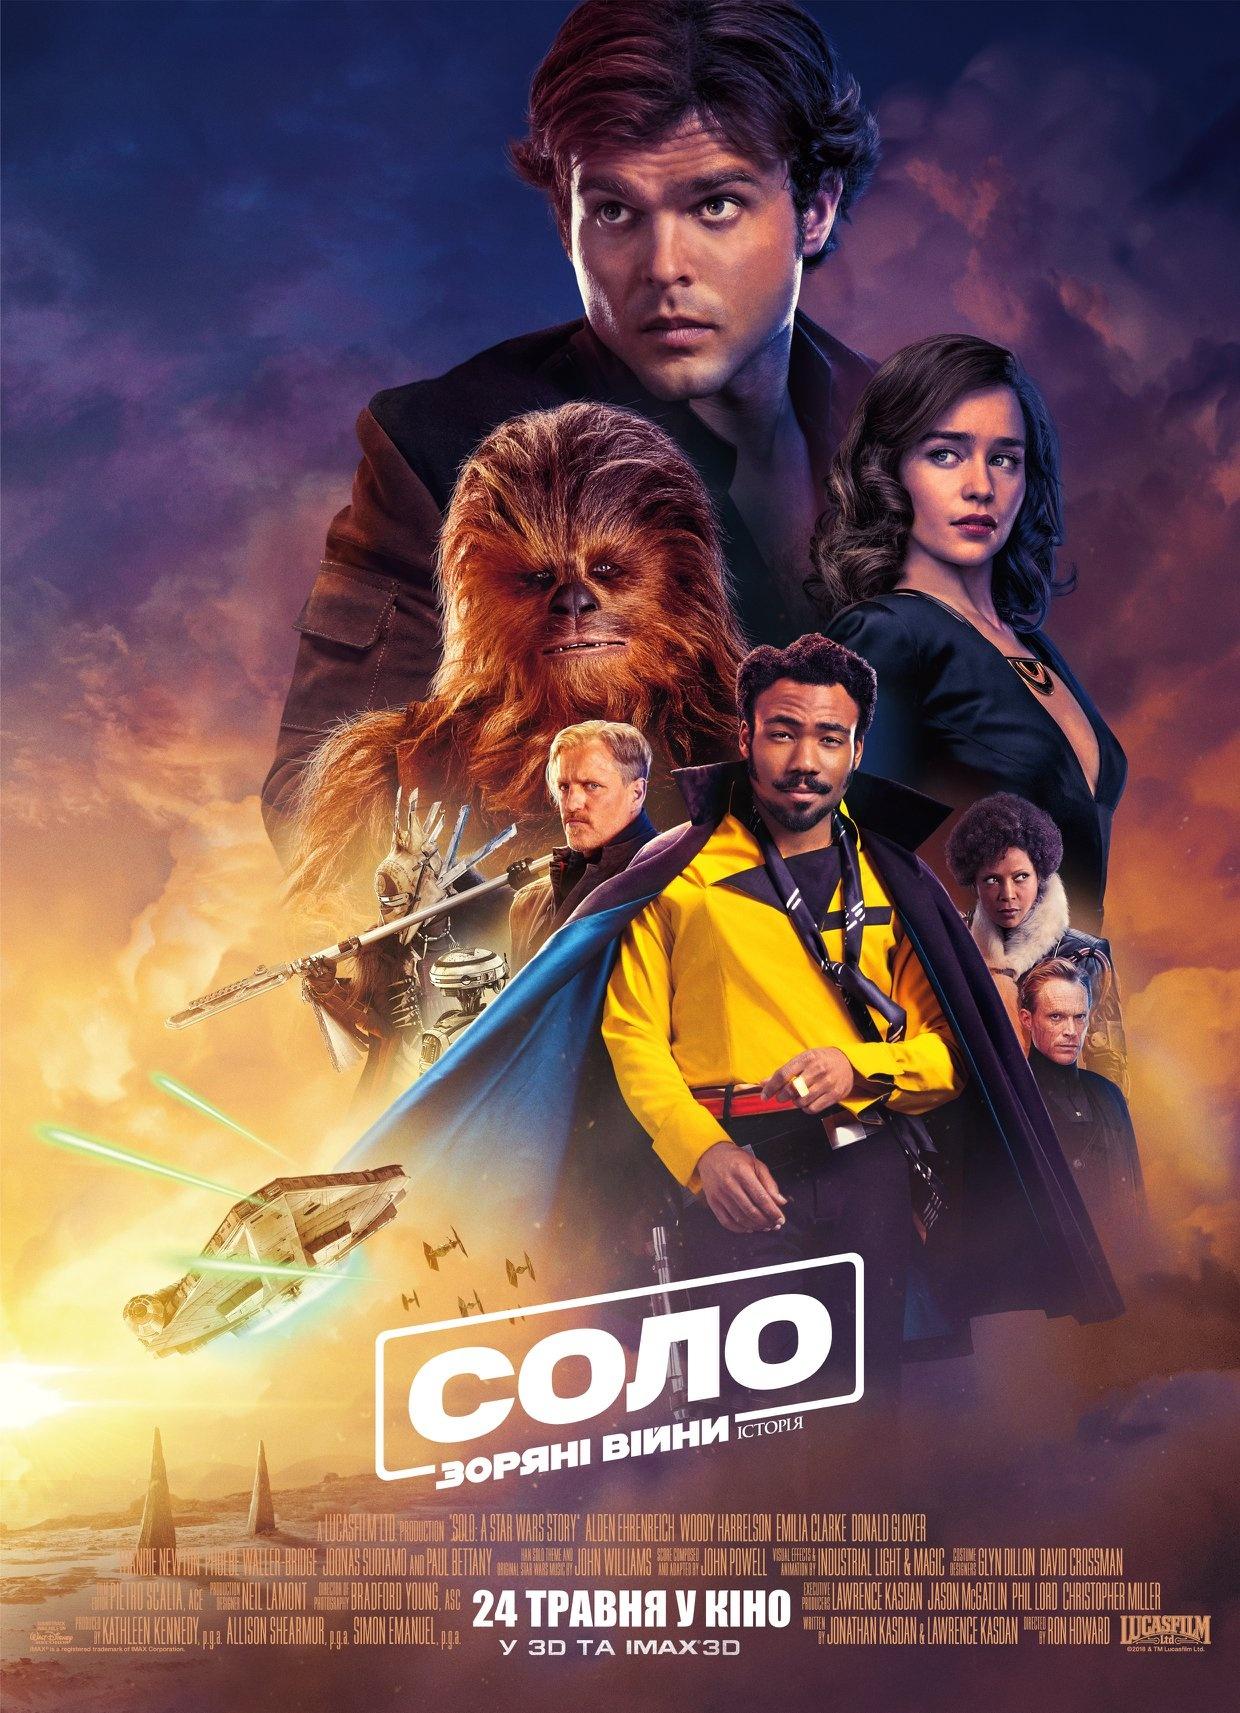 Хан Соло: Зоряні Війни. історія